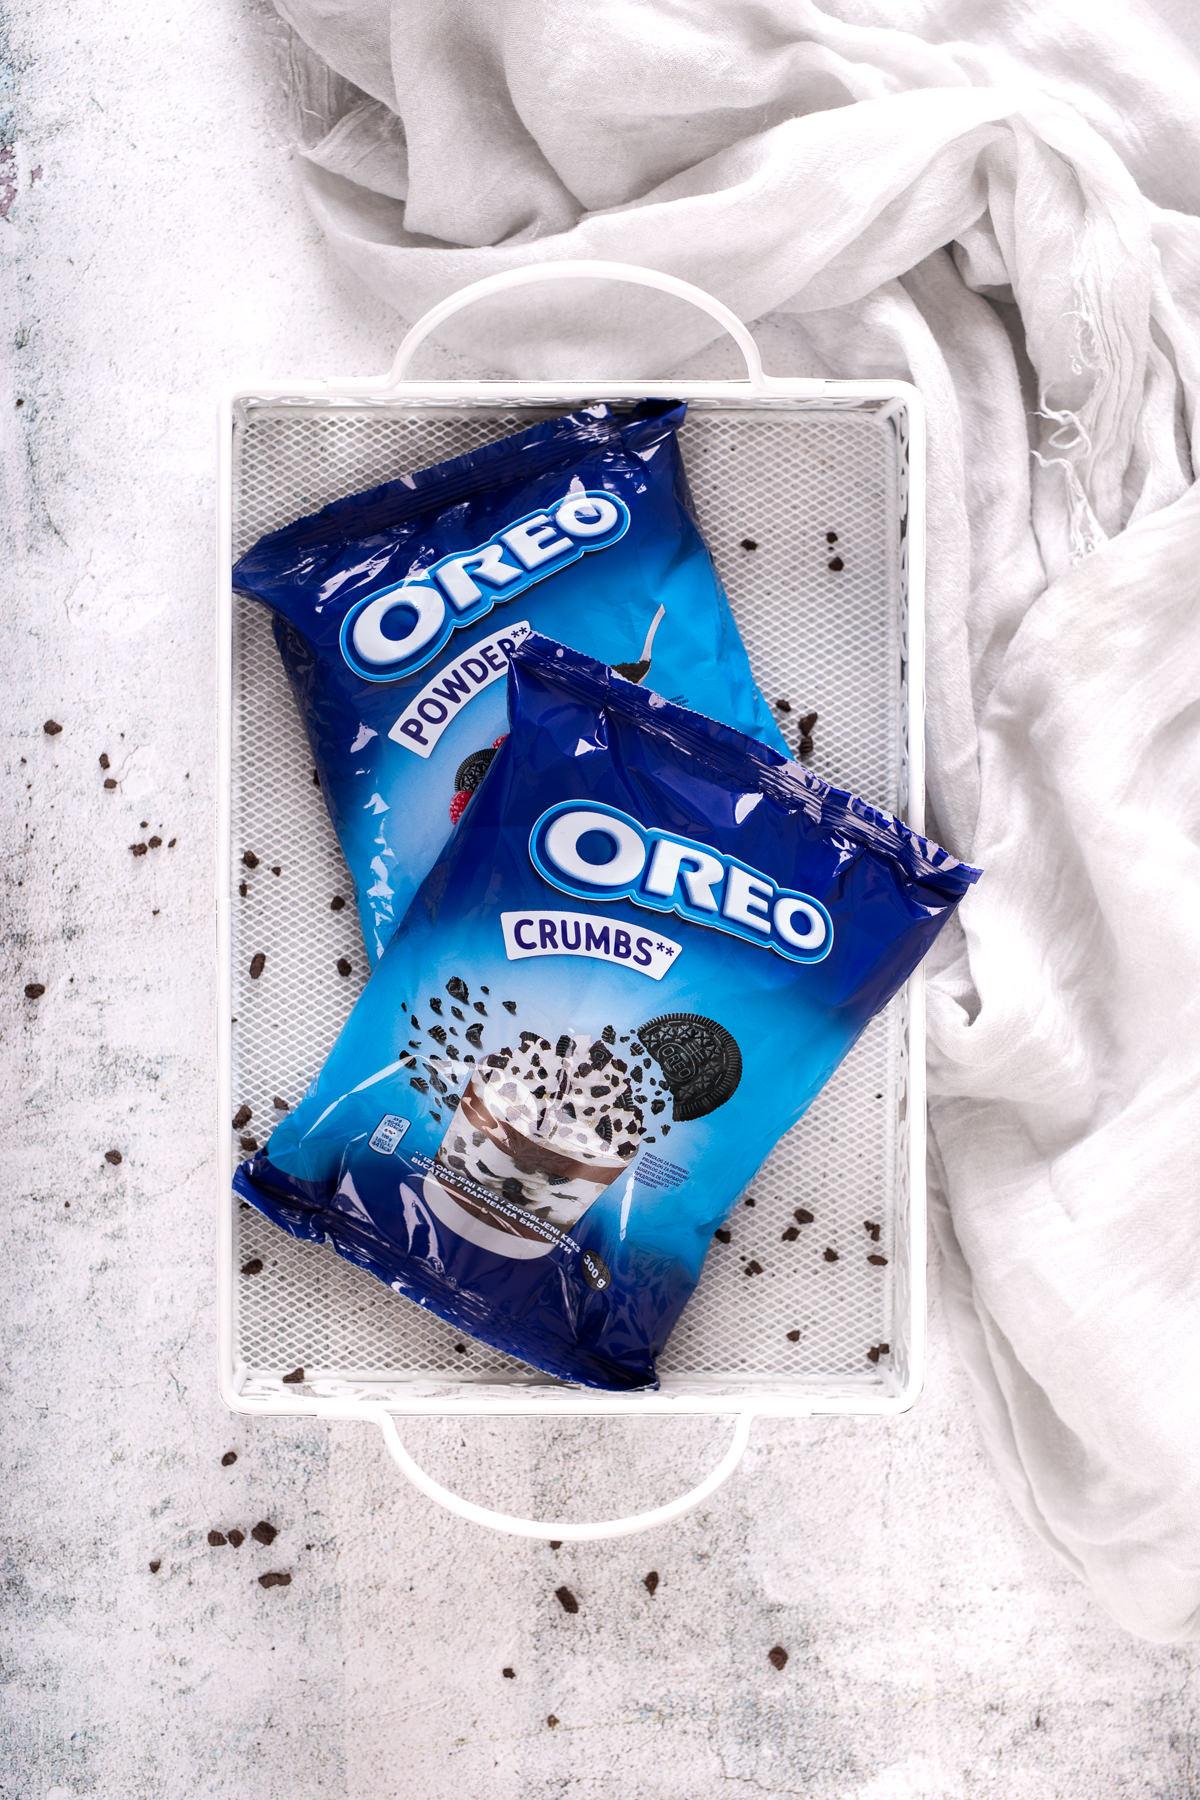 Oreo crumbs i Oreo powder